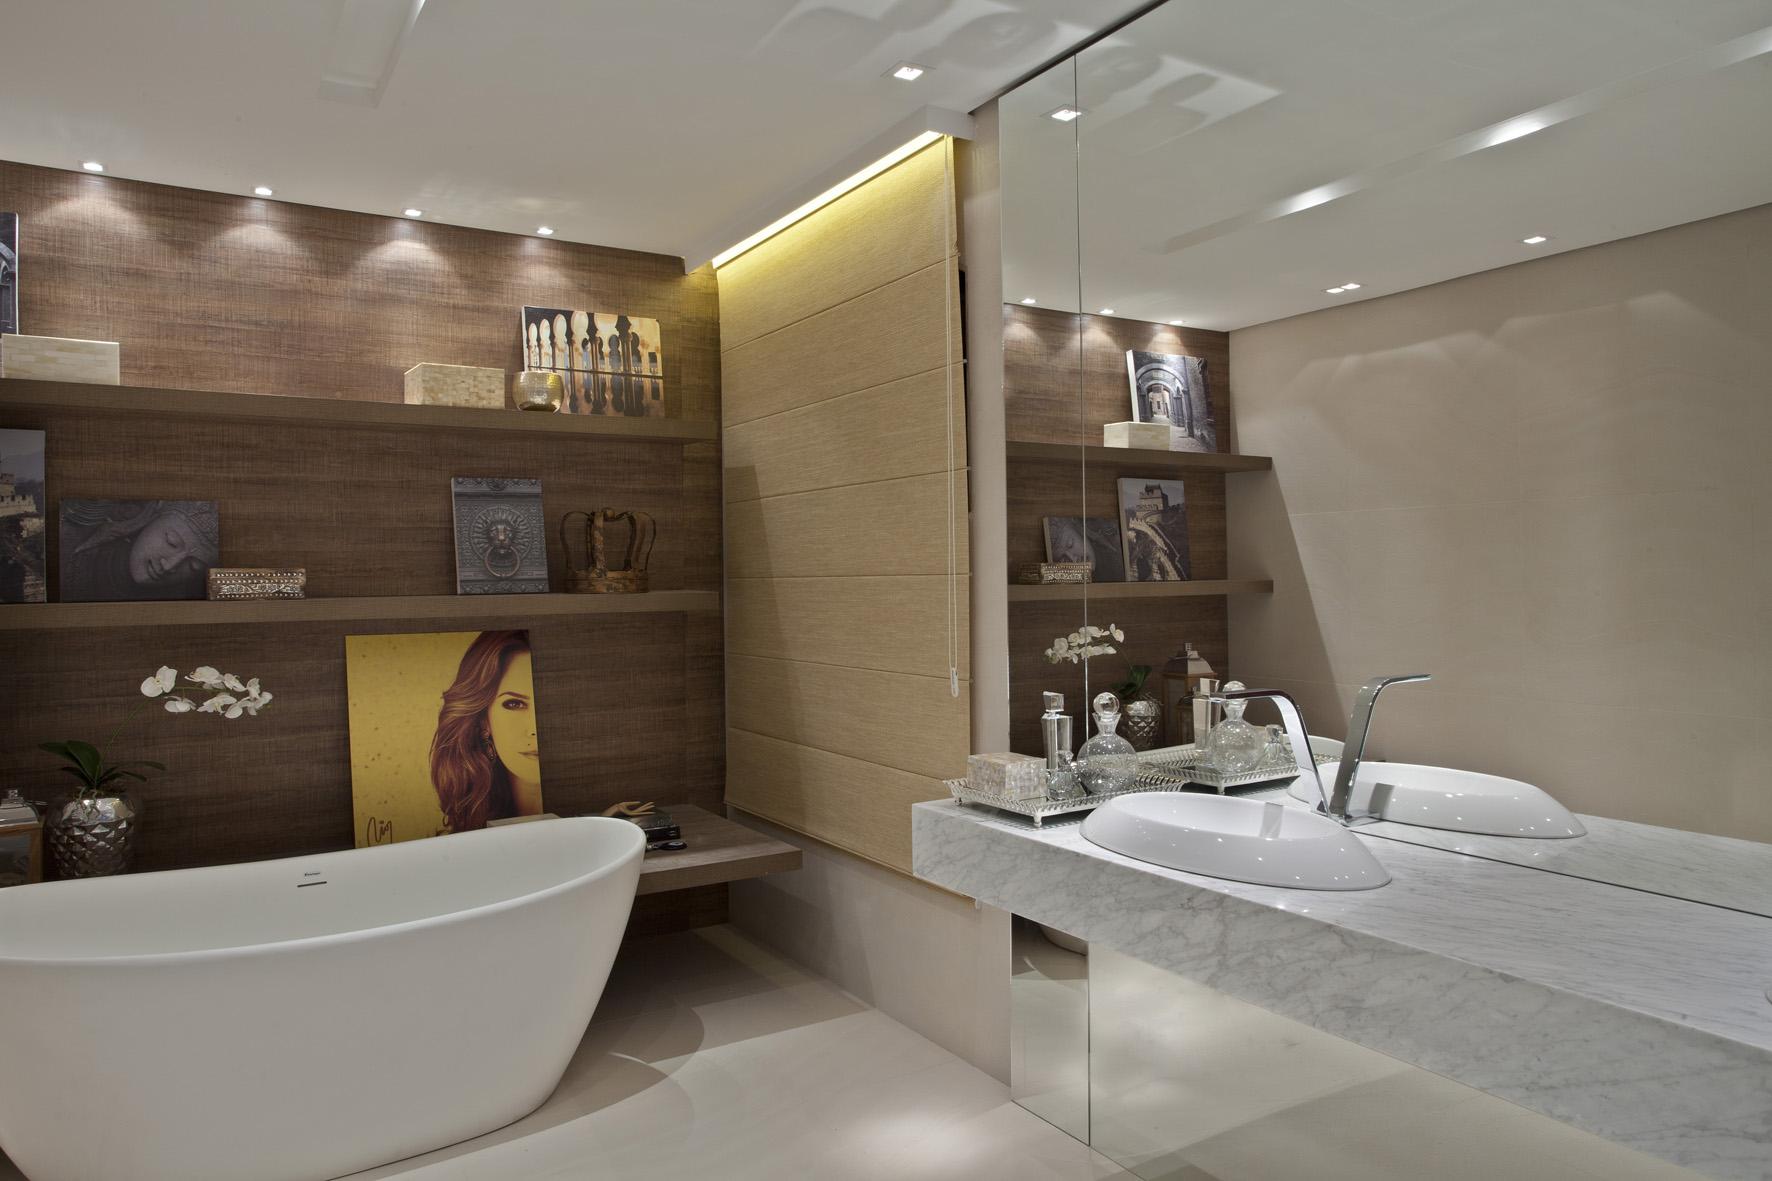 Banheiros com papel de parede Imagens #81744A 1772 1181